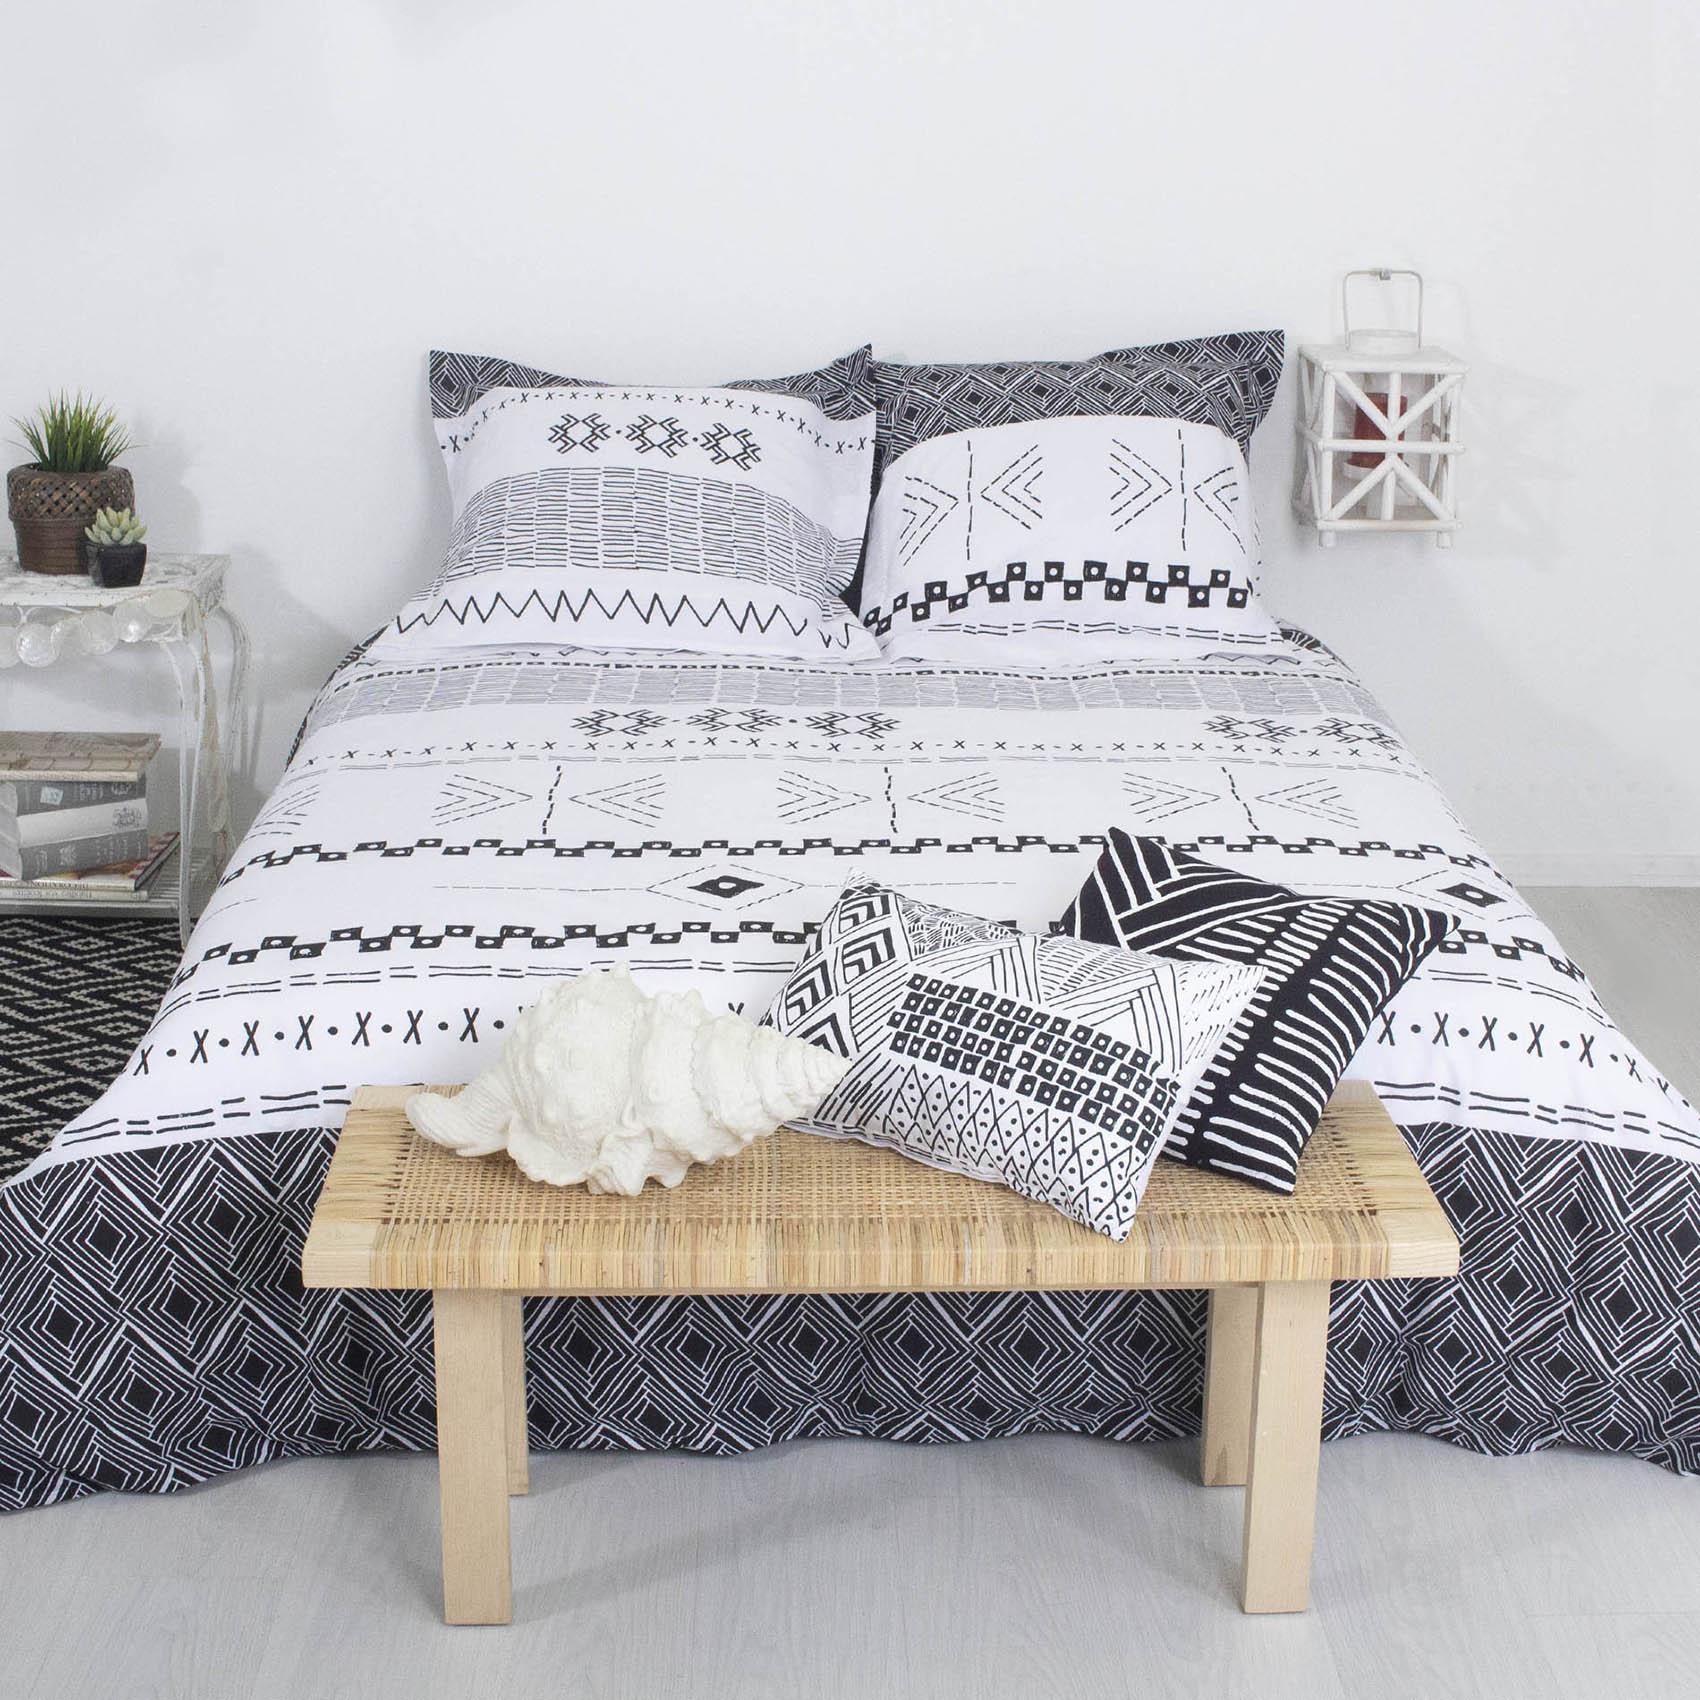 Parure de lit ethnic coton blanc / noir 220x240